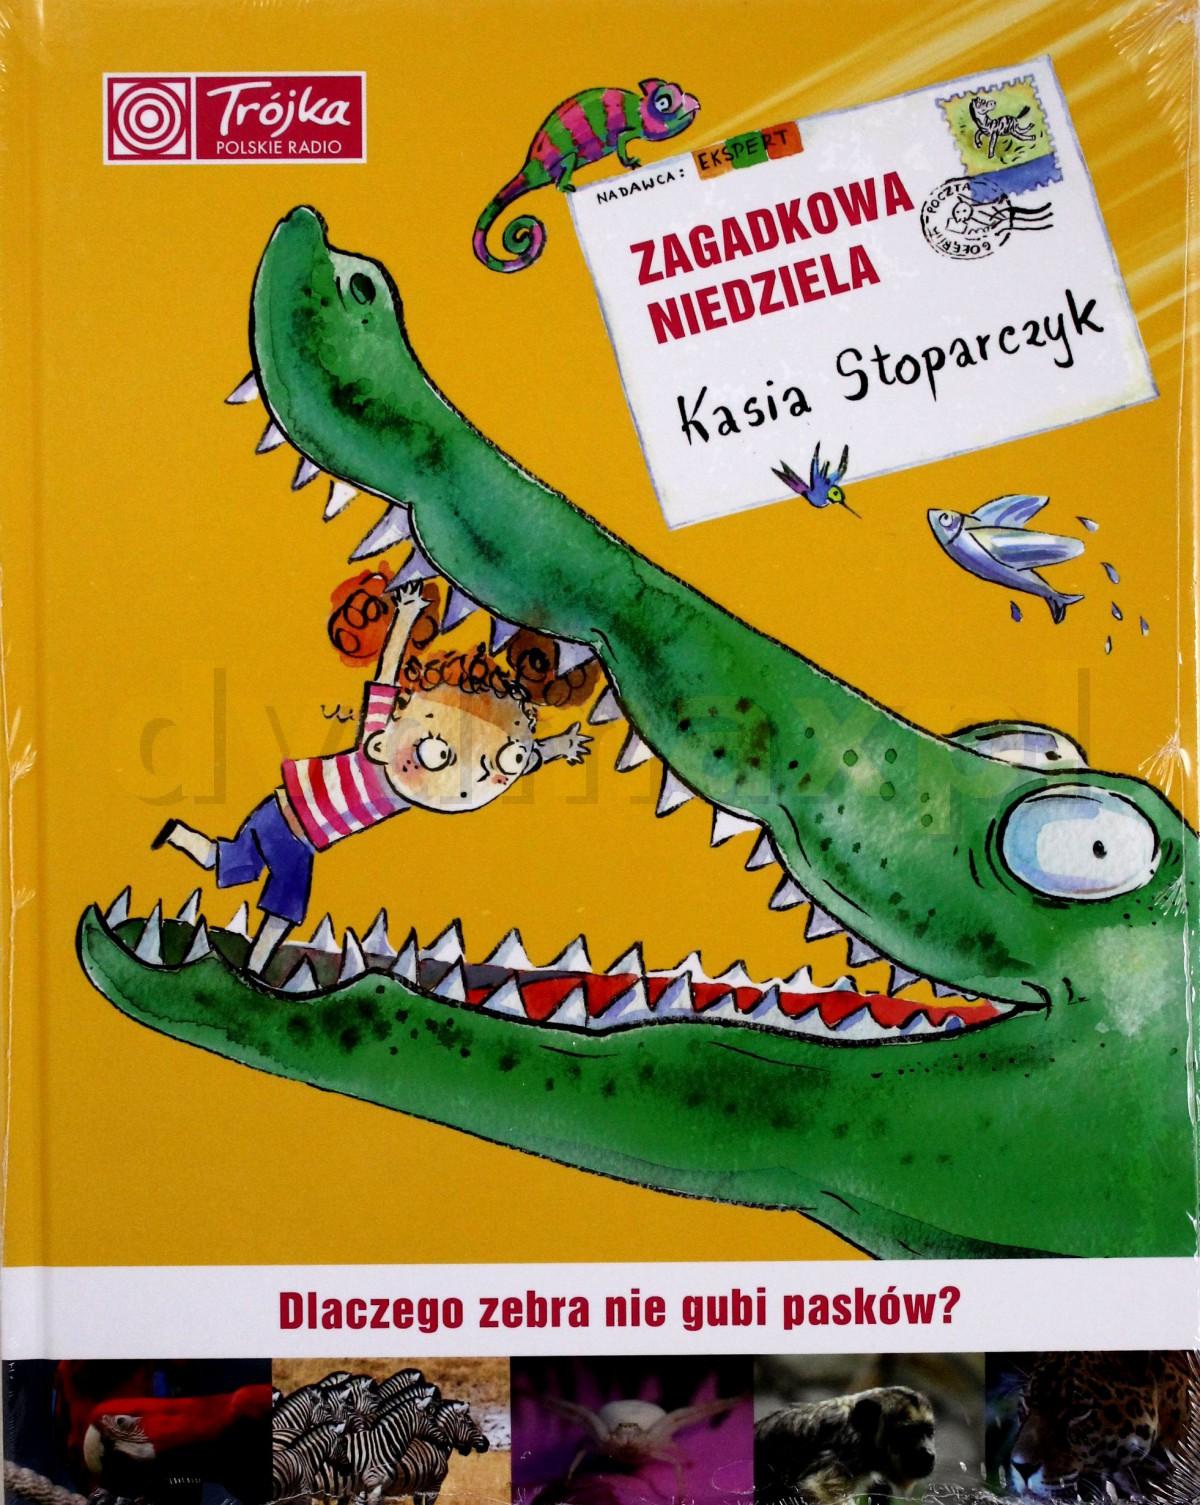 Zagadkowa Niedziela Dlaczego Zebra Nie Gubi Pasków (twarda) - Katarzyna Stoparczyk [KSIĄŻKA] - Katarzyna Stoparczyk